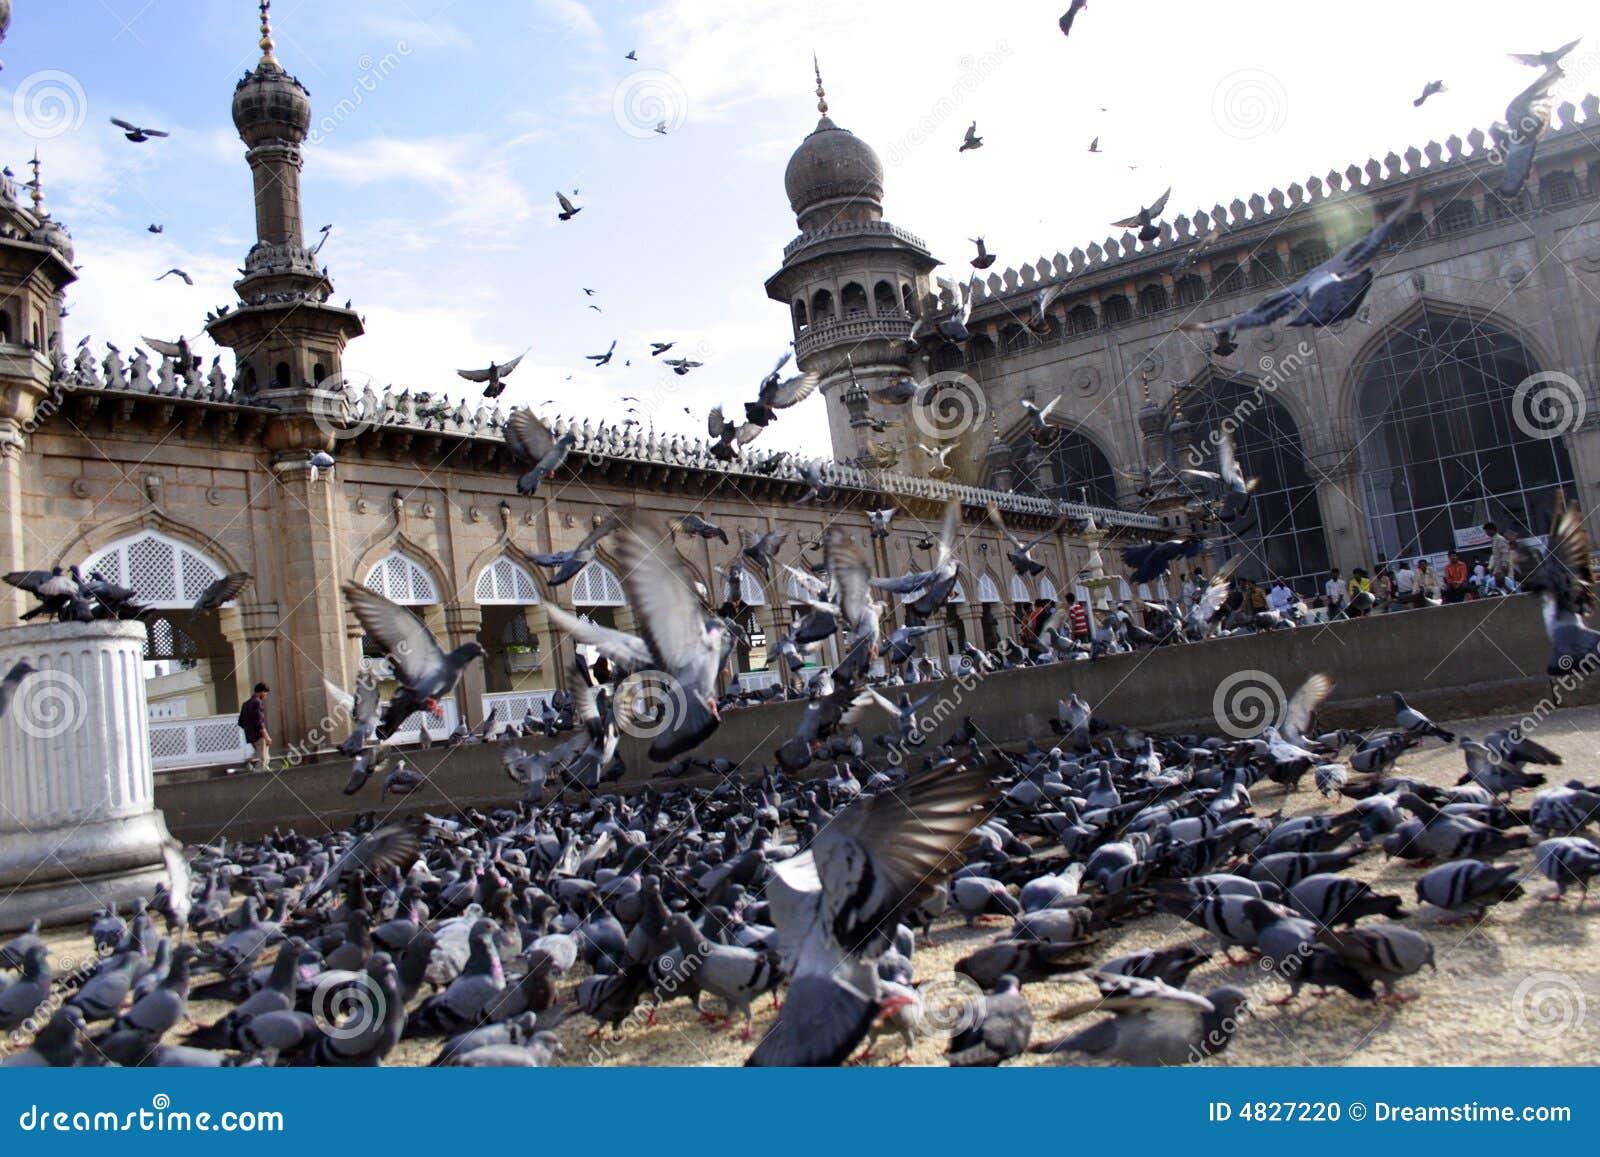 Mekka Masjid, Hyderabad